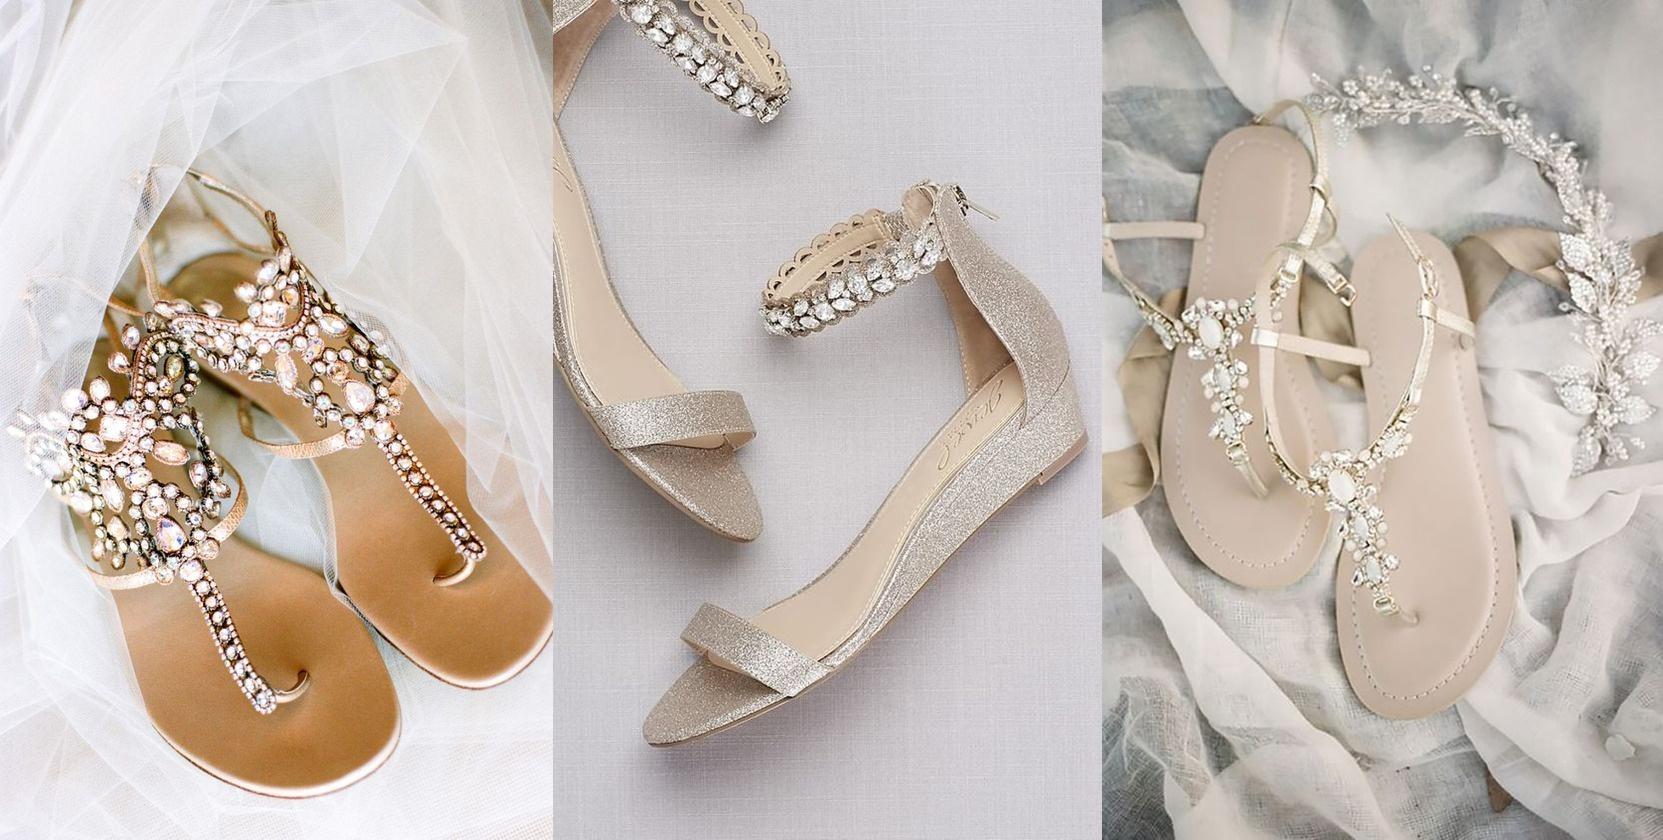 Płaskie buty do ślubu - zdjęcie 2